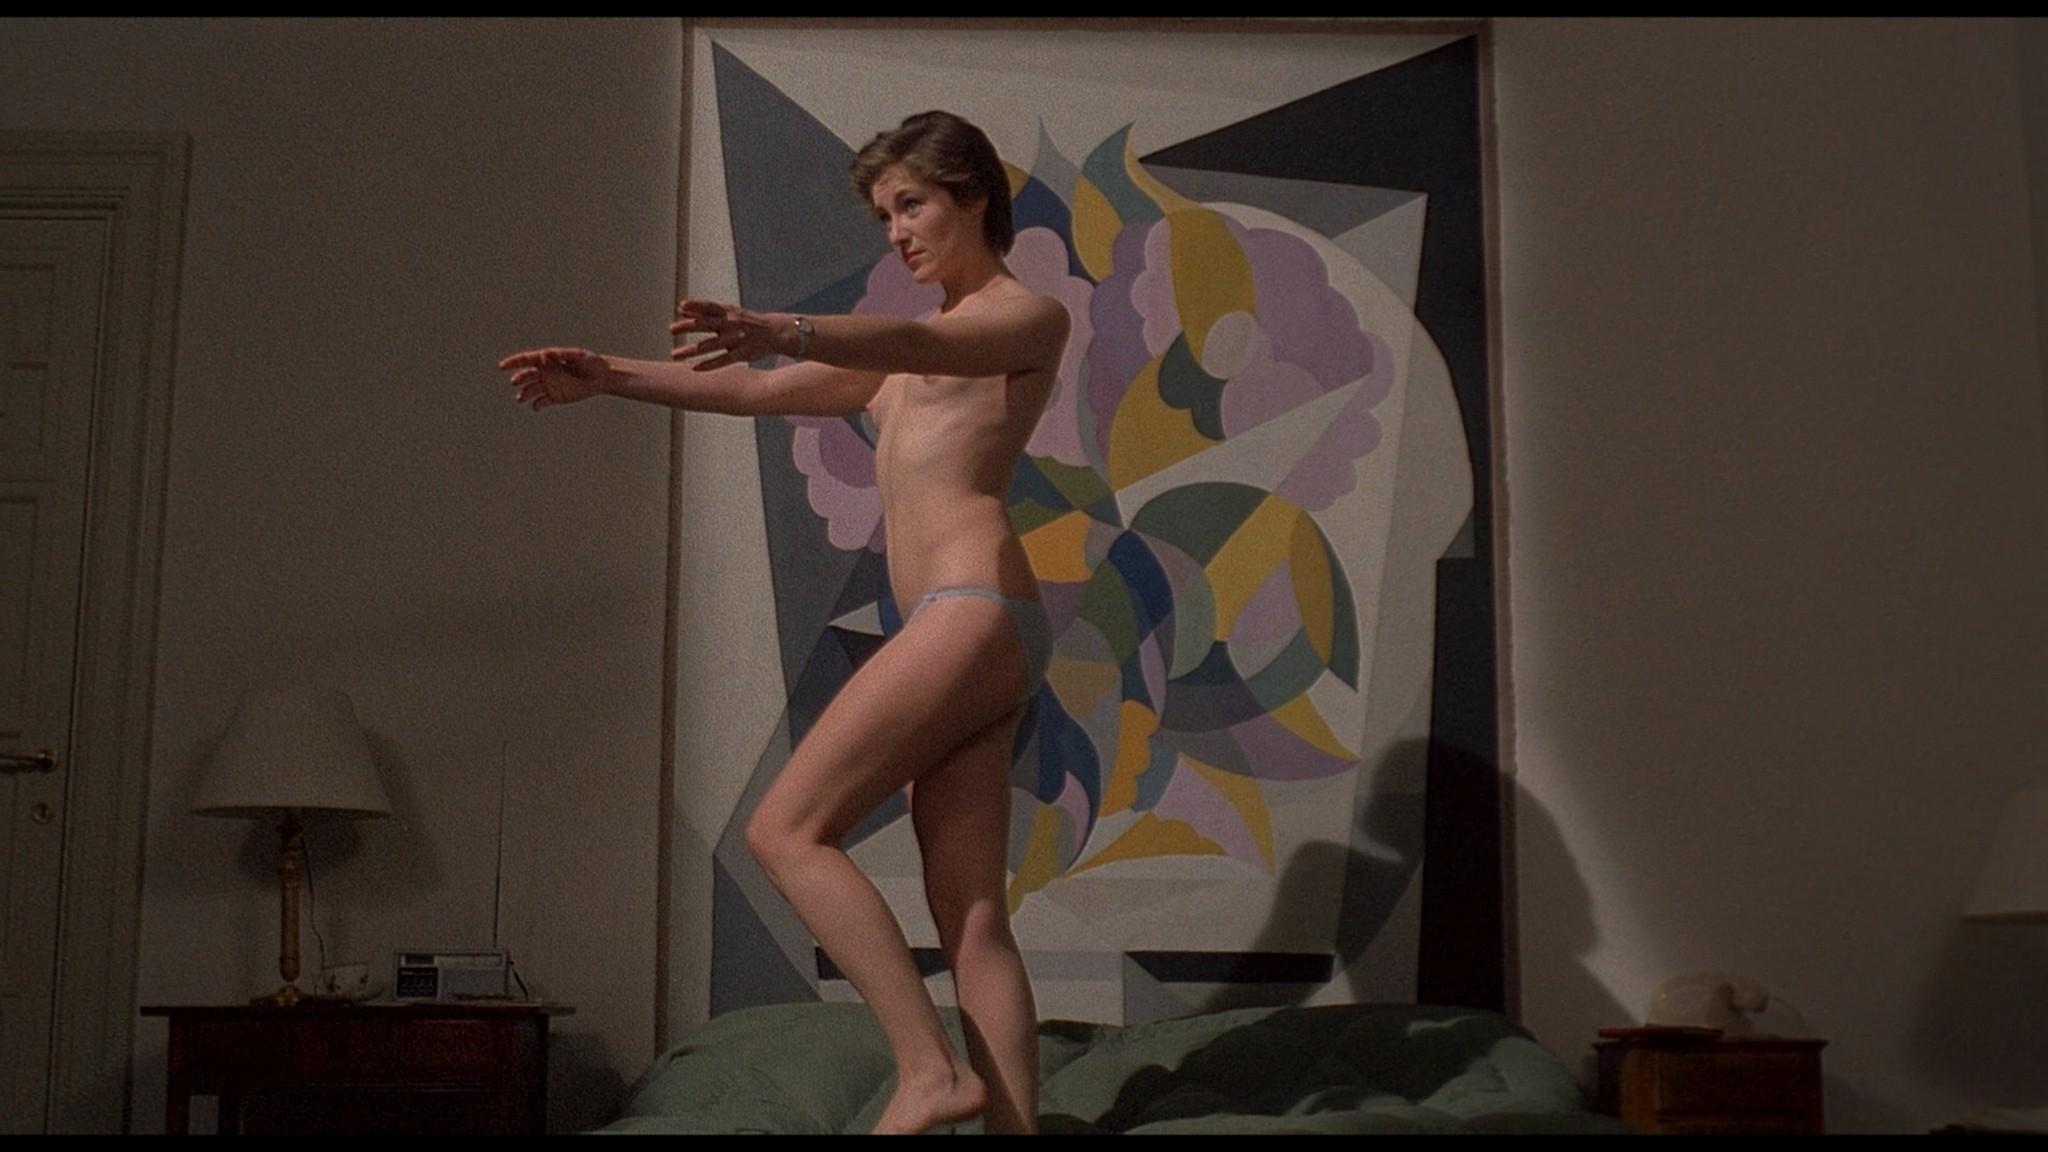 Christine Boisson nude full frontal Daniela Silverio nude sex - Identificazione di una donna (IT-1982) HD 1080p BluRay REMUX (18)